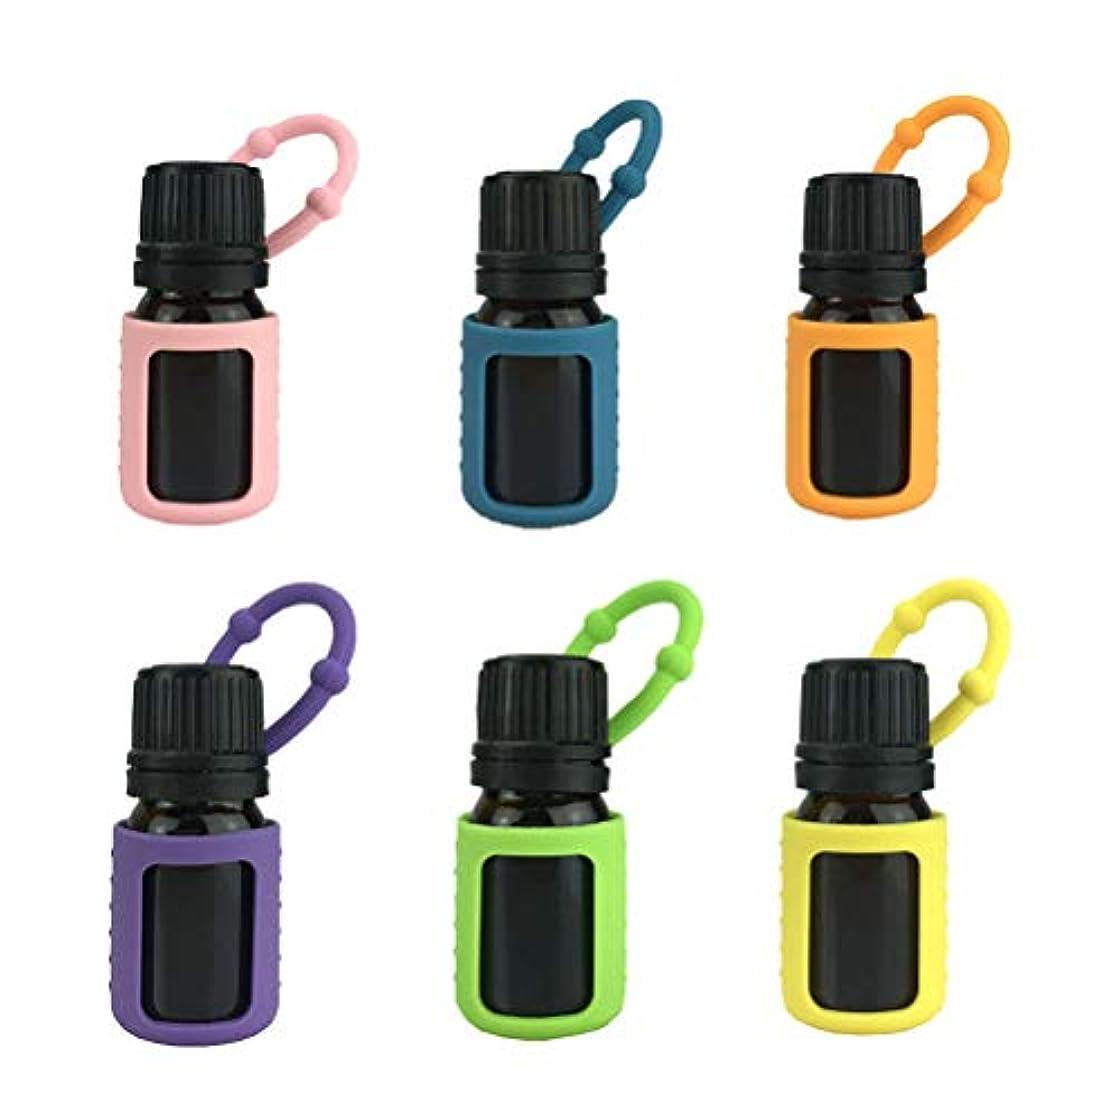 ニコチン骨折杖Lurrose エッセンシャルオイルシリコンスリーブオイルボトル保護ケースアロマテラピーアクセサリー5ML 6pcs(ランダムカラー)